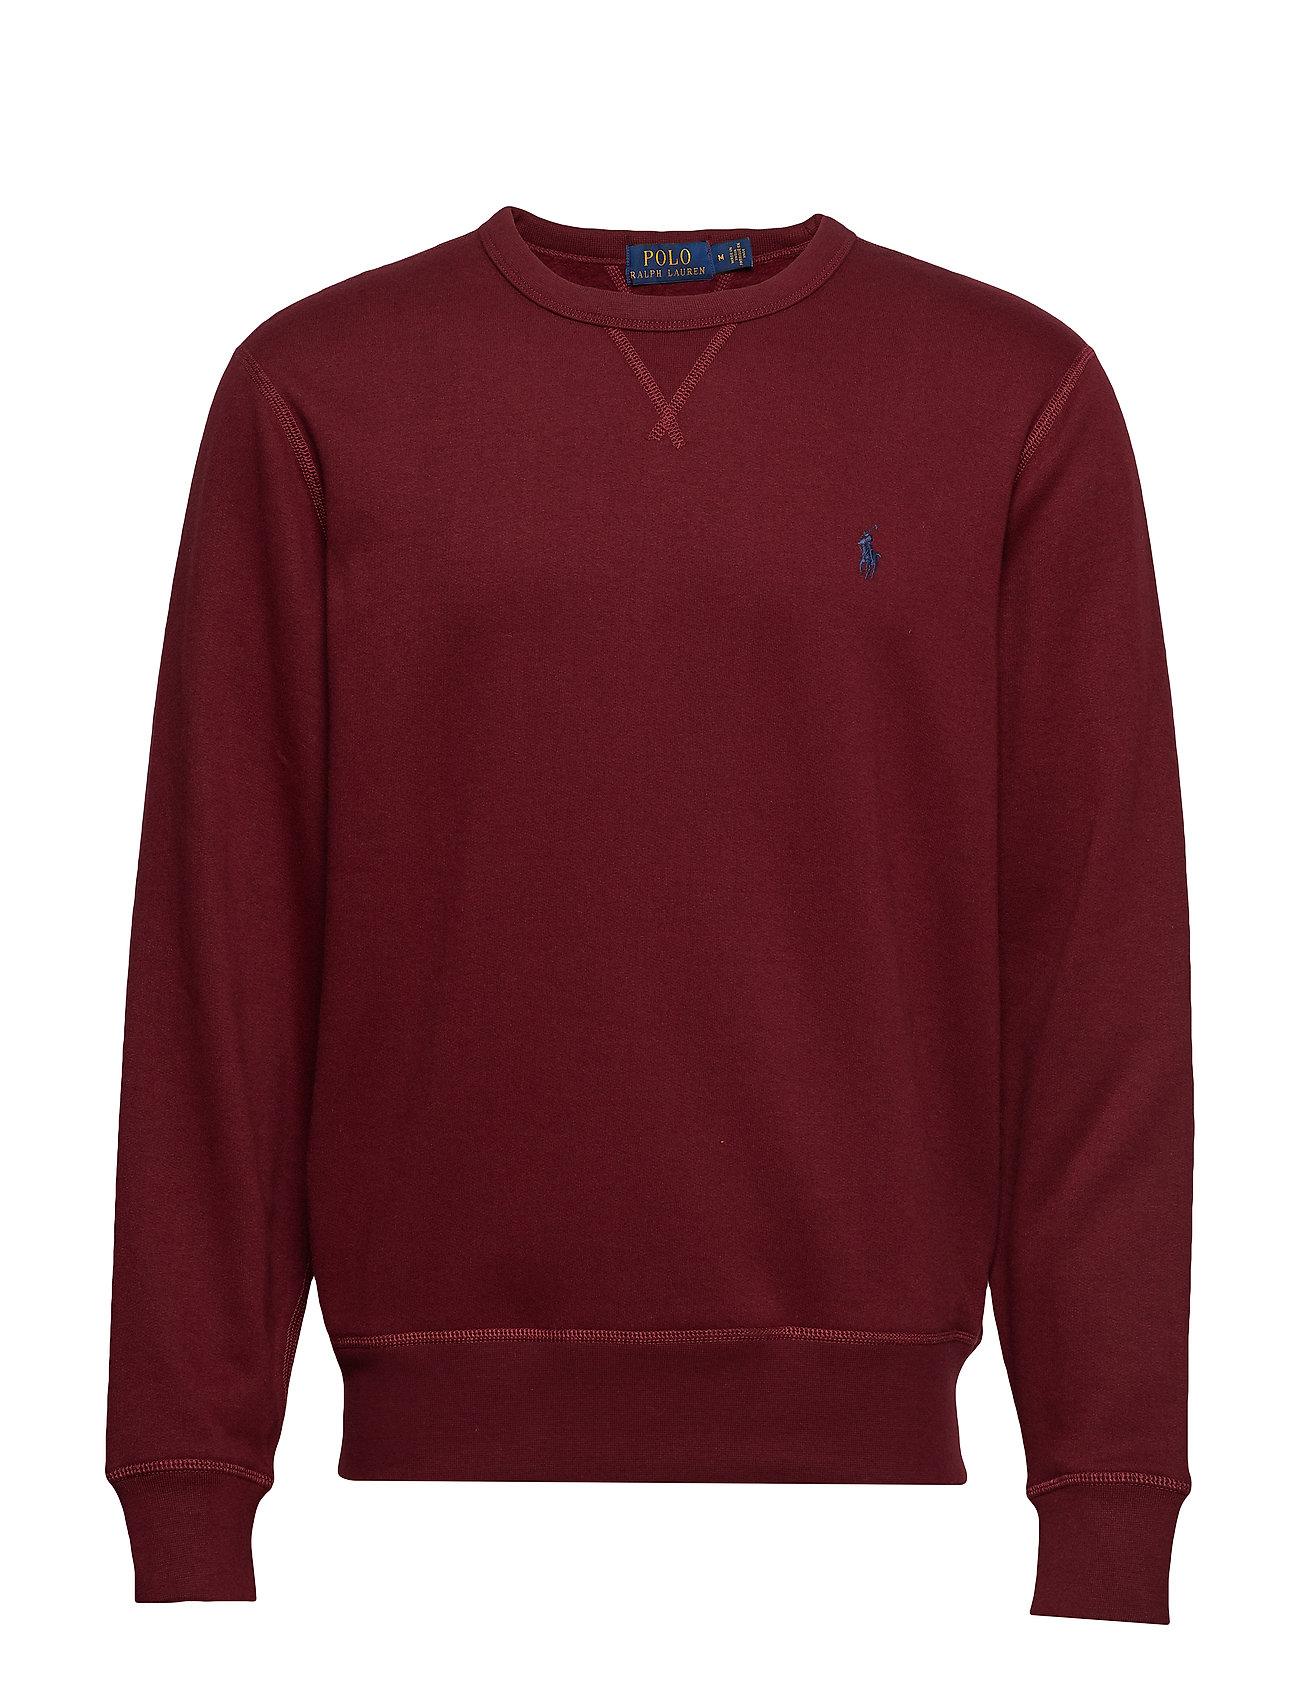 Polo Ralph Lauren Fleece Crewneck Sweatshirt - CLASSIC WINE